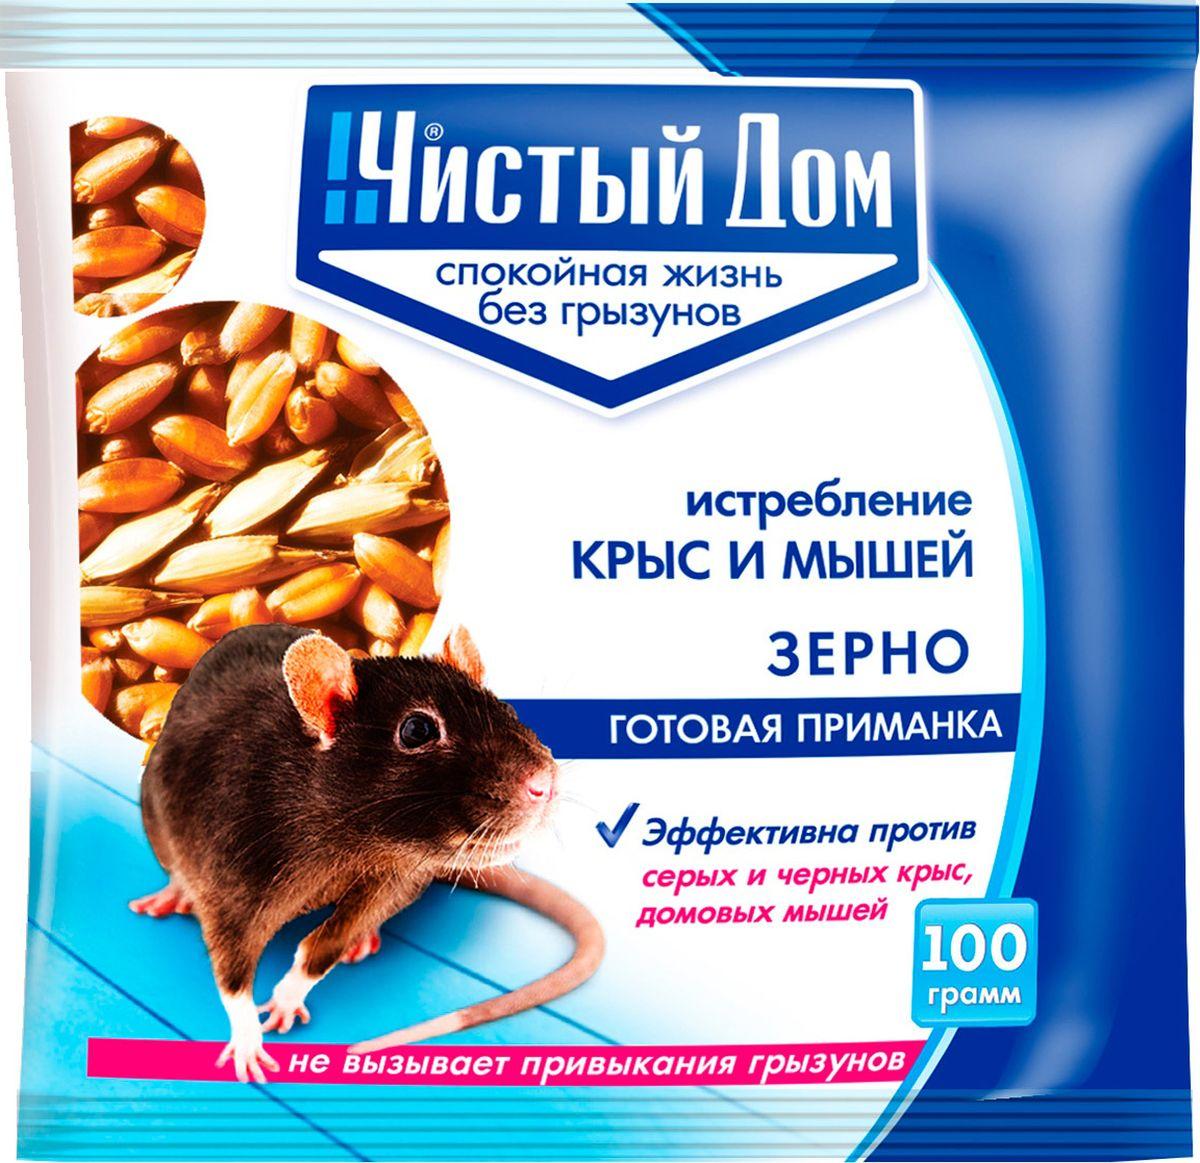 Приманка Чистый Дом, от крыс и мышей, зерновая, 100 г03-016Приманка Чистый Дом - универсальное готовое к применению средство от мышей, крыс и полевок.Основа Форэта — натуральные зерна пшеницы, что обеспечивает отличную поедаемость грызунами. Товар сертифицирован.